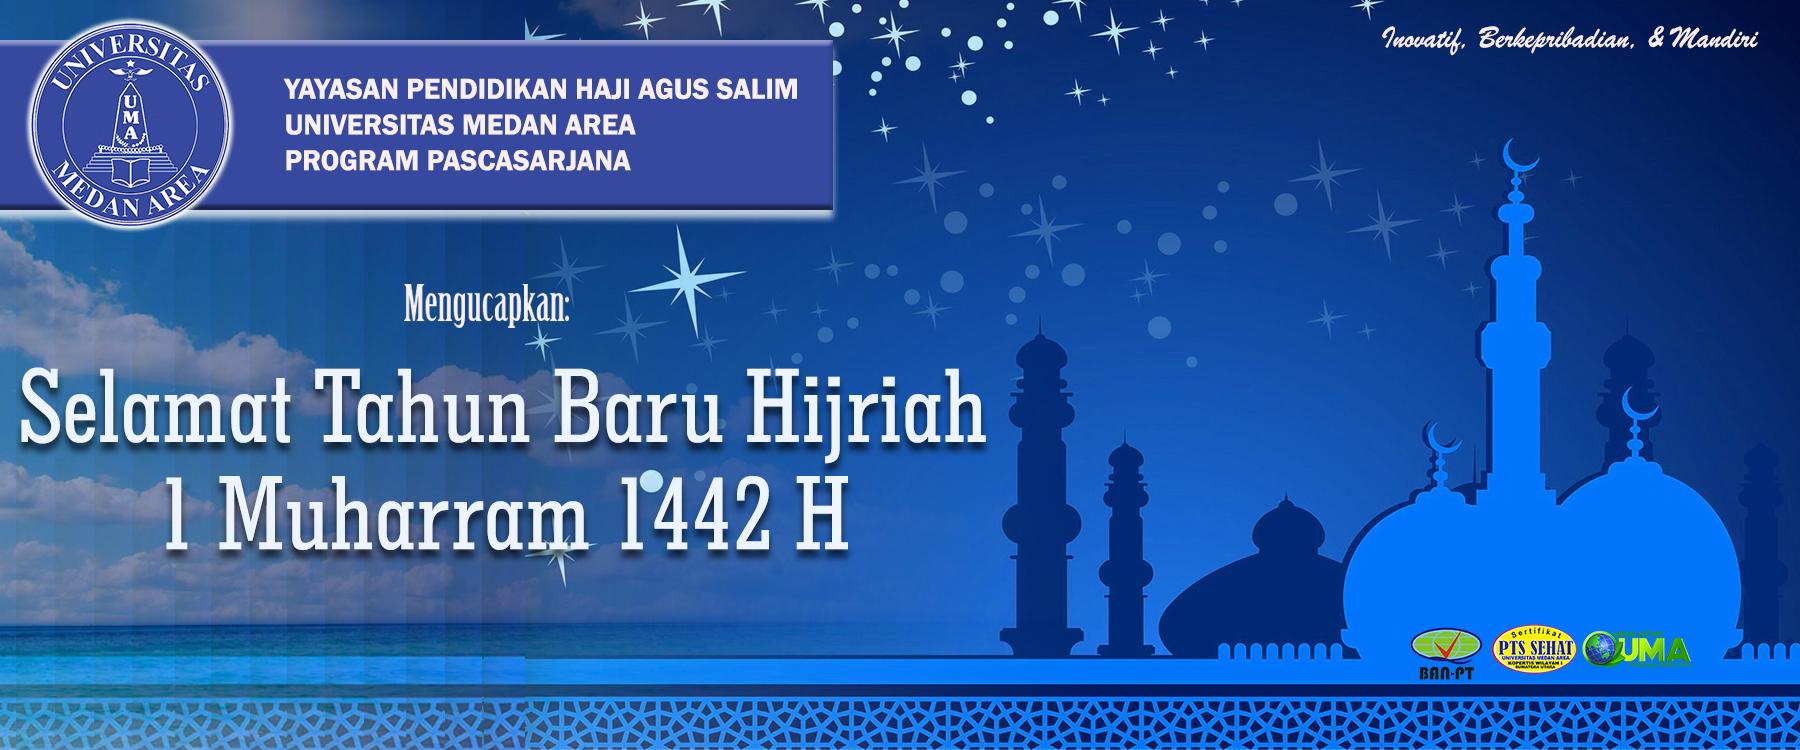 Slider Tahun Baru Hijriah 1442 H